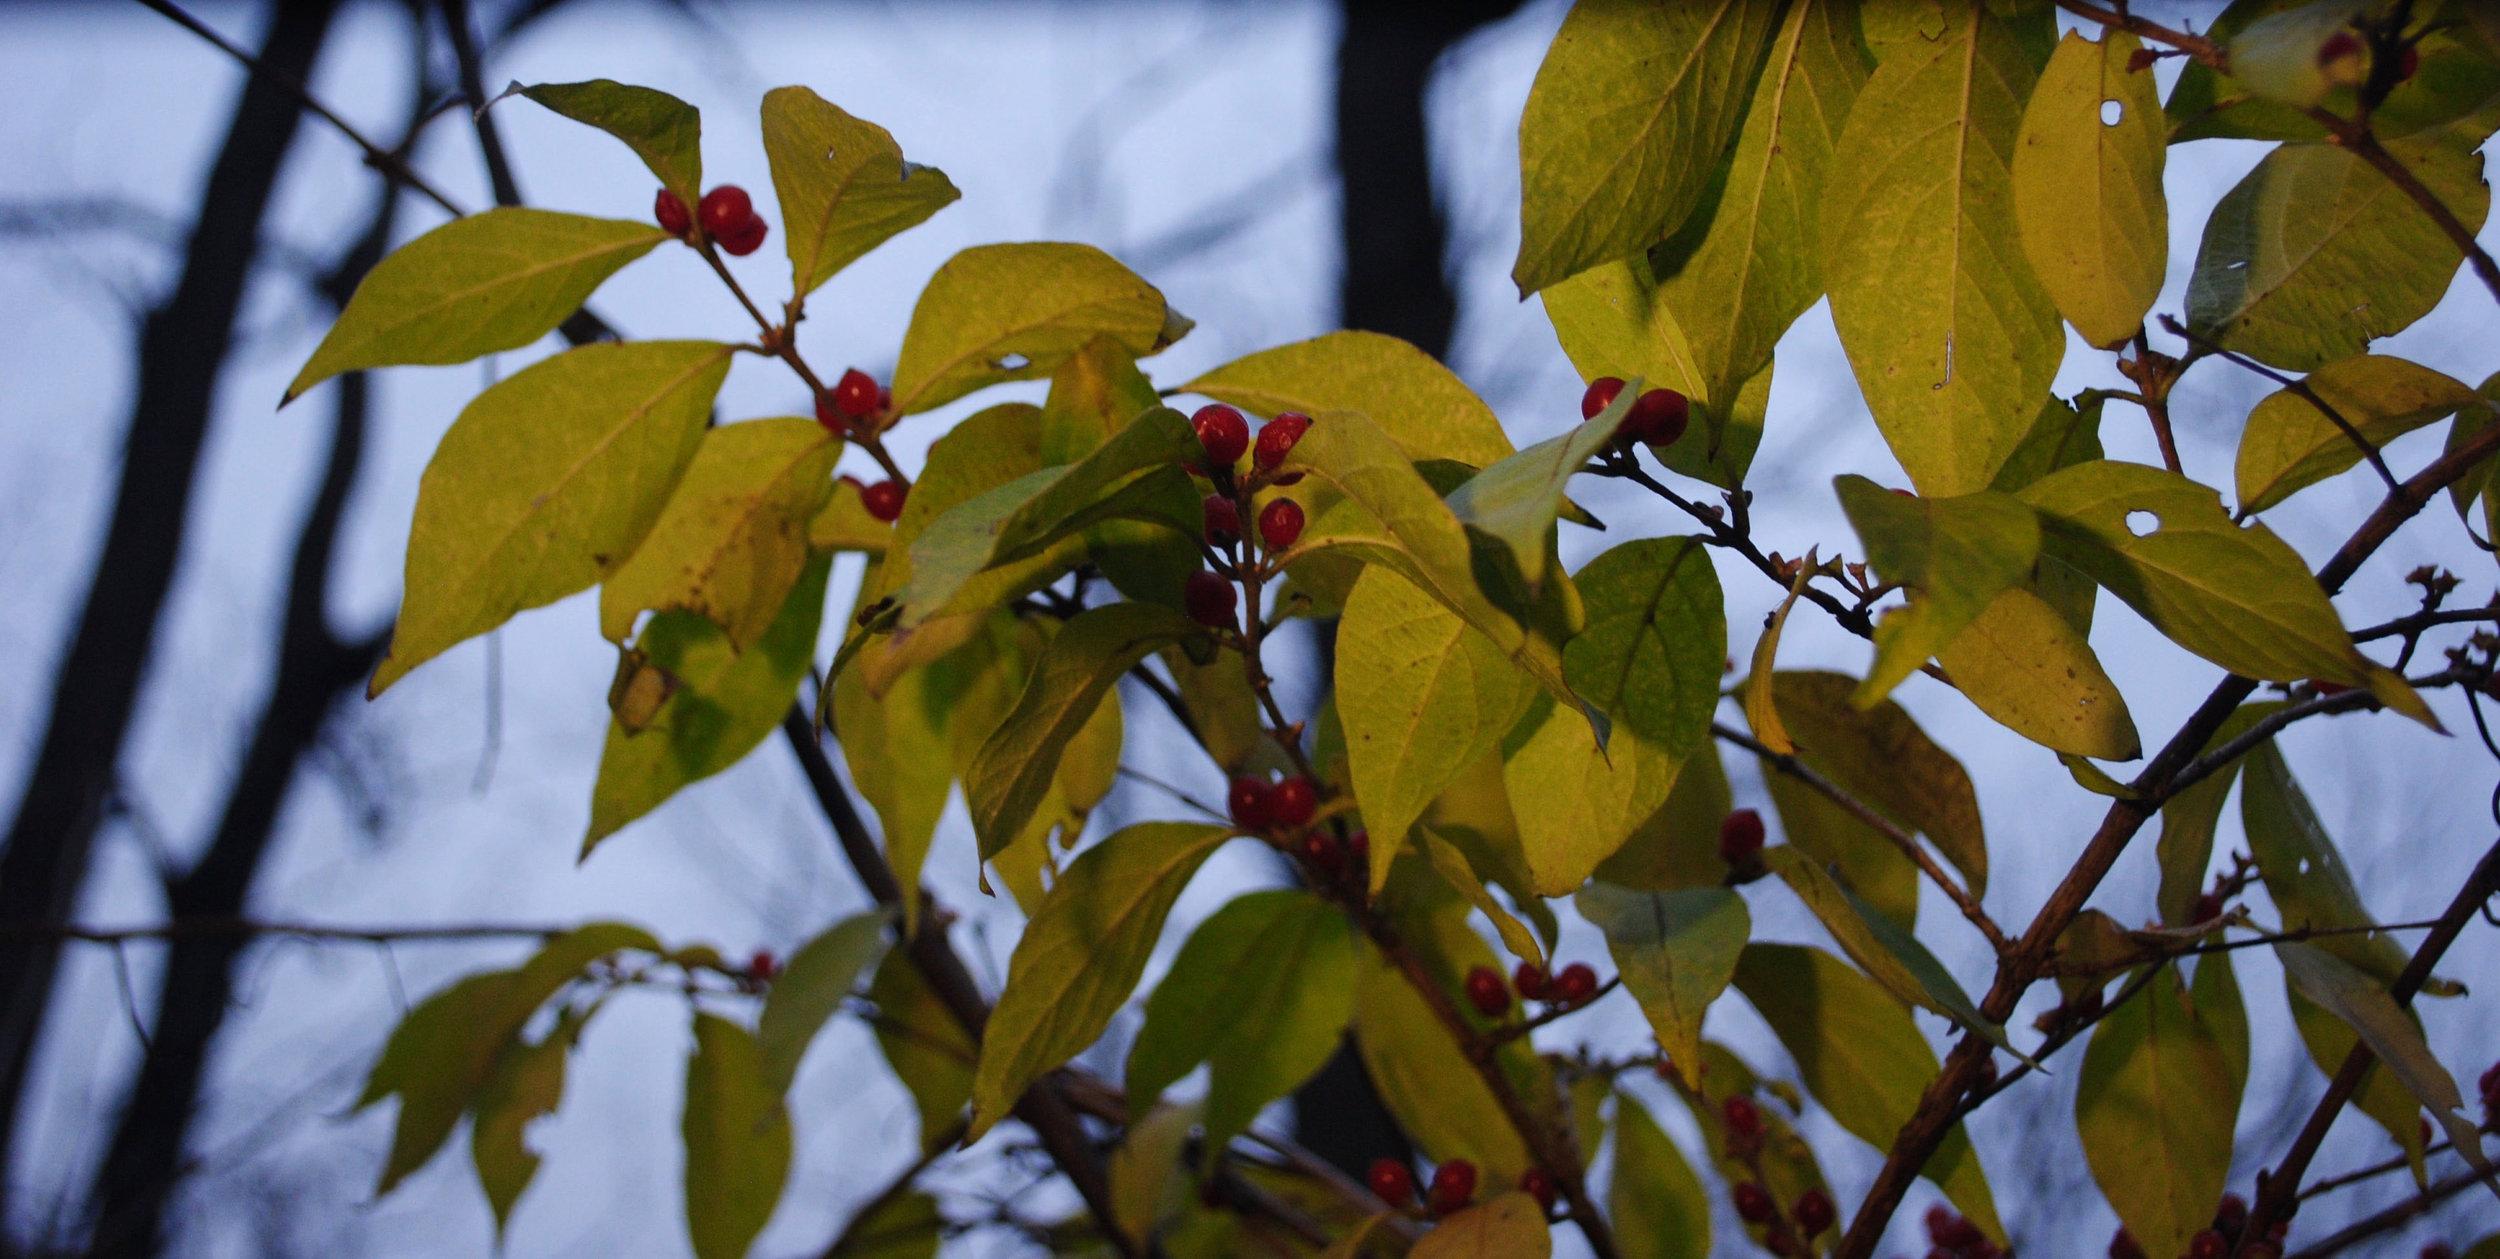 EllaNadeau-LeavesAndBerries.jpg